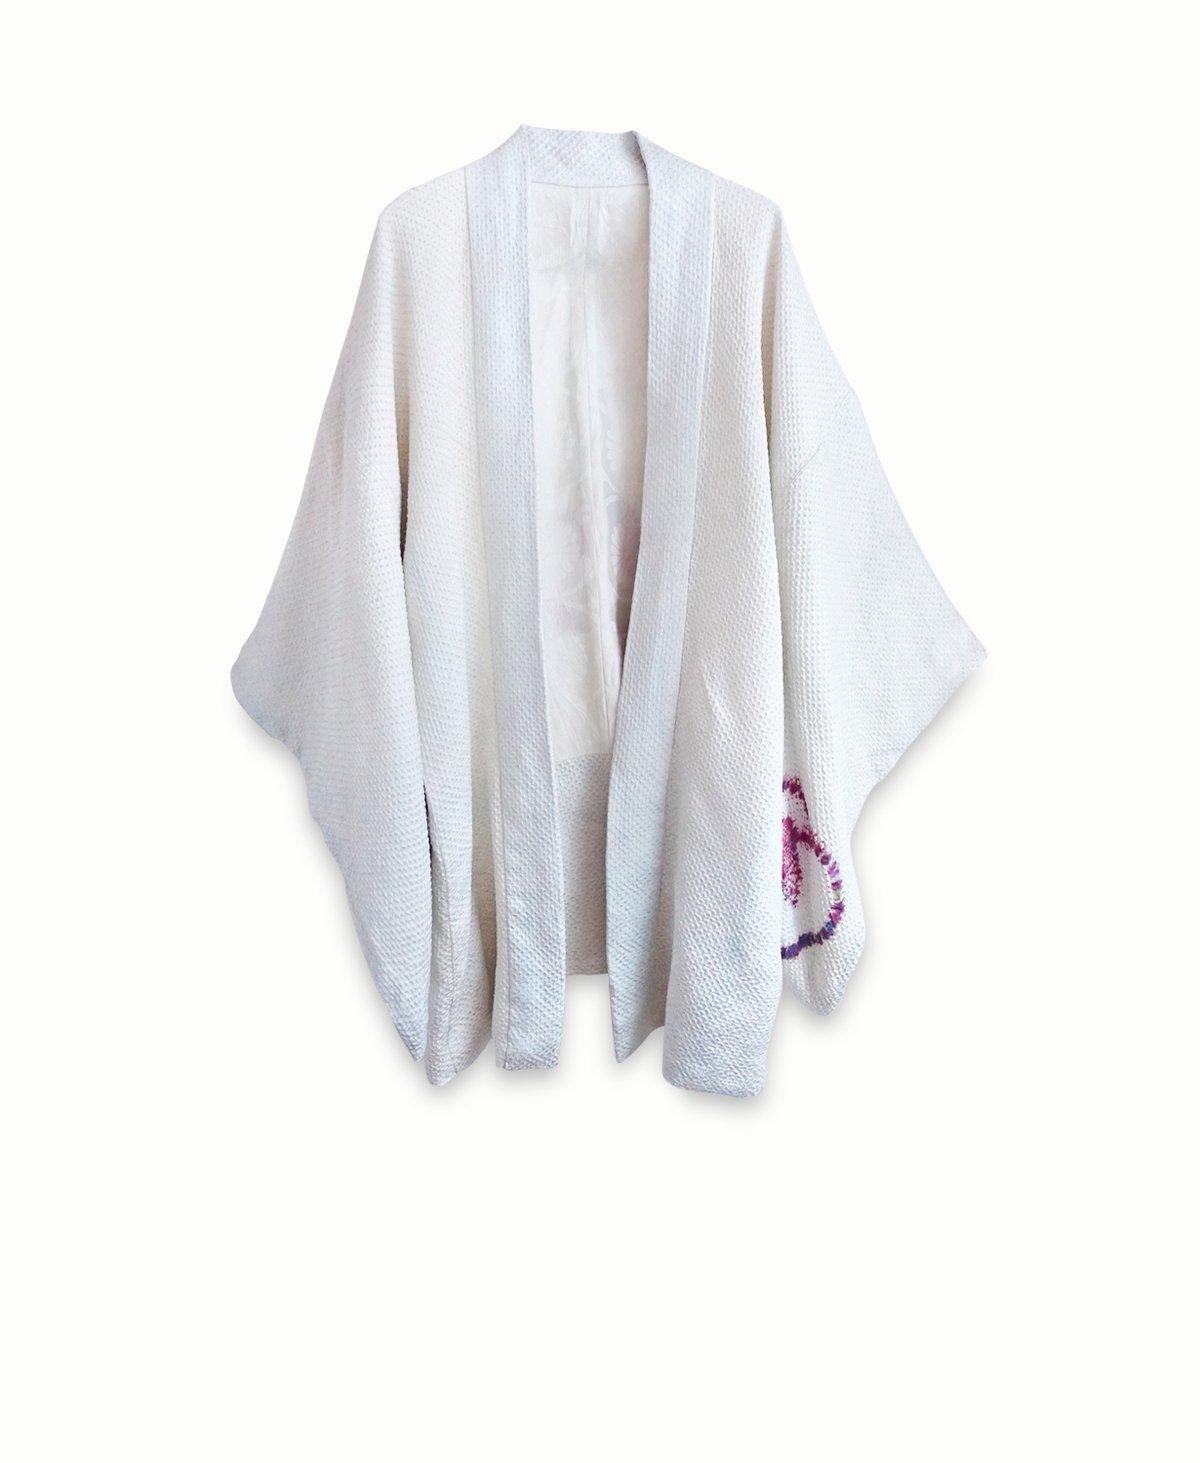 Image of Kort kimono - i hvid/lysblå silke med prikmønster